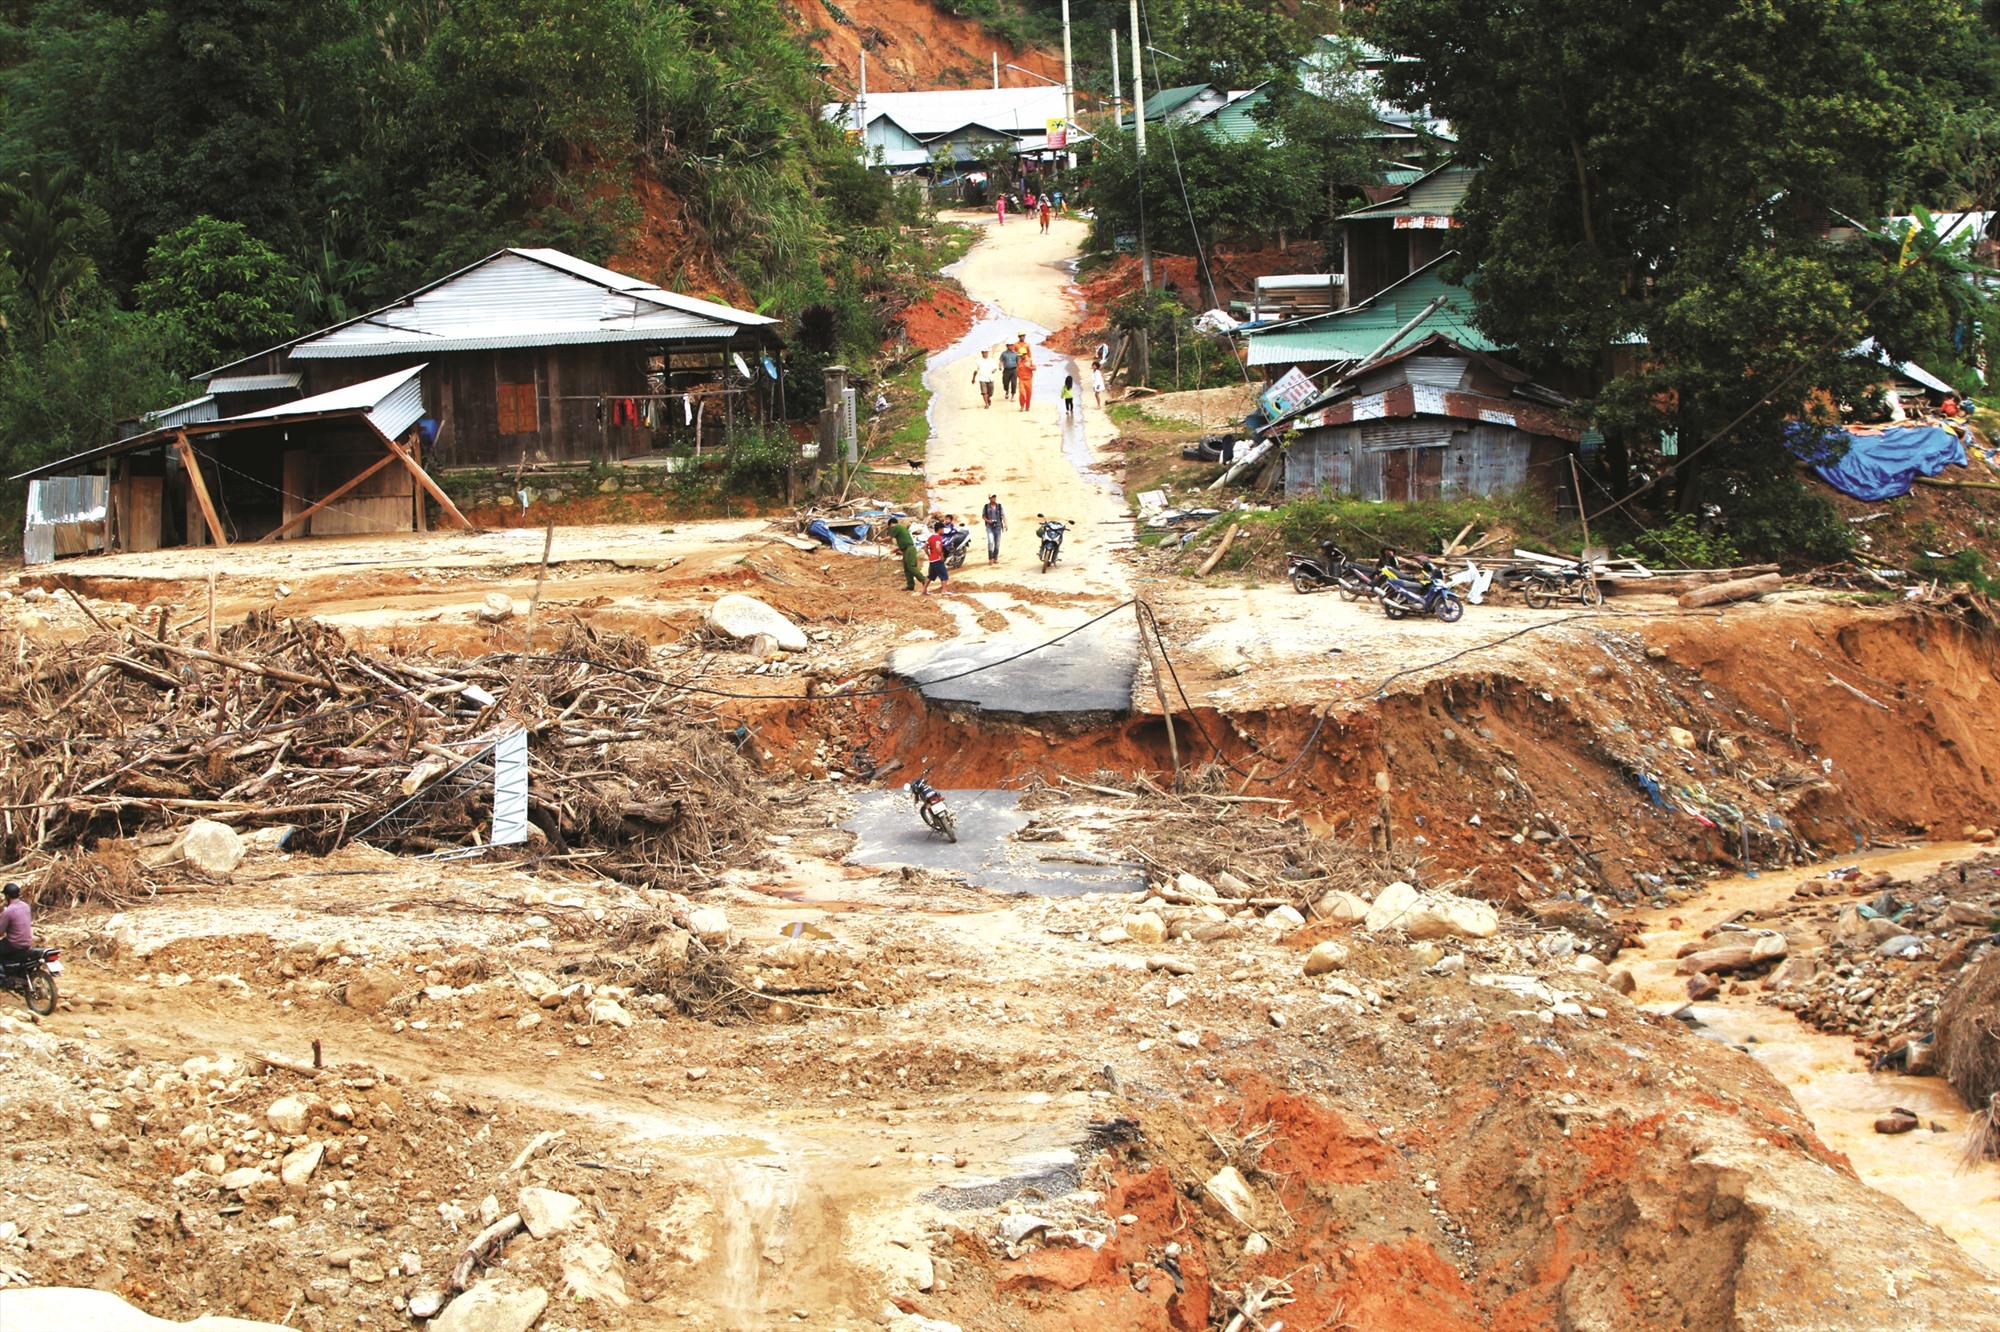 Sạt lở gây thiệt hại nặng về người và tài sản ở huyện Phước Sơn vào cuối tháng 10.2020. Ảnh: THÀNH CÔNG